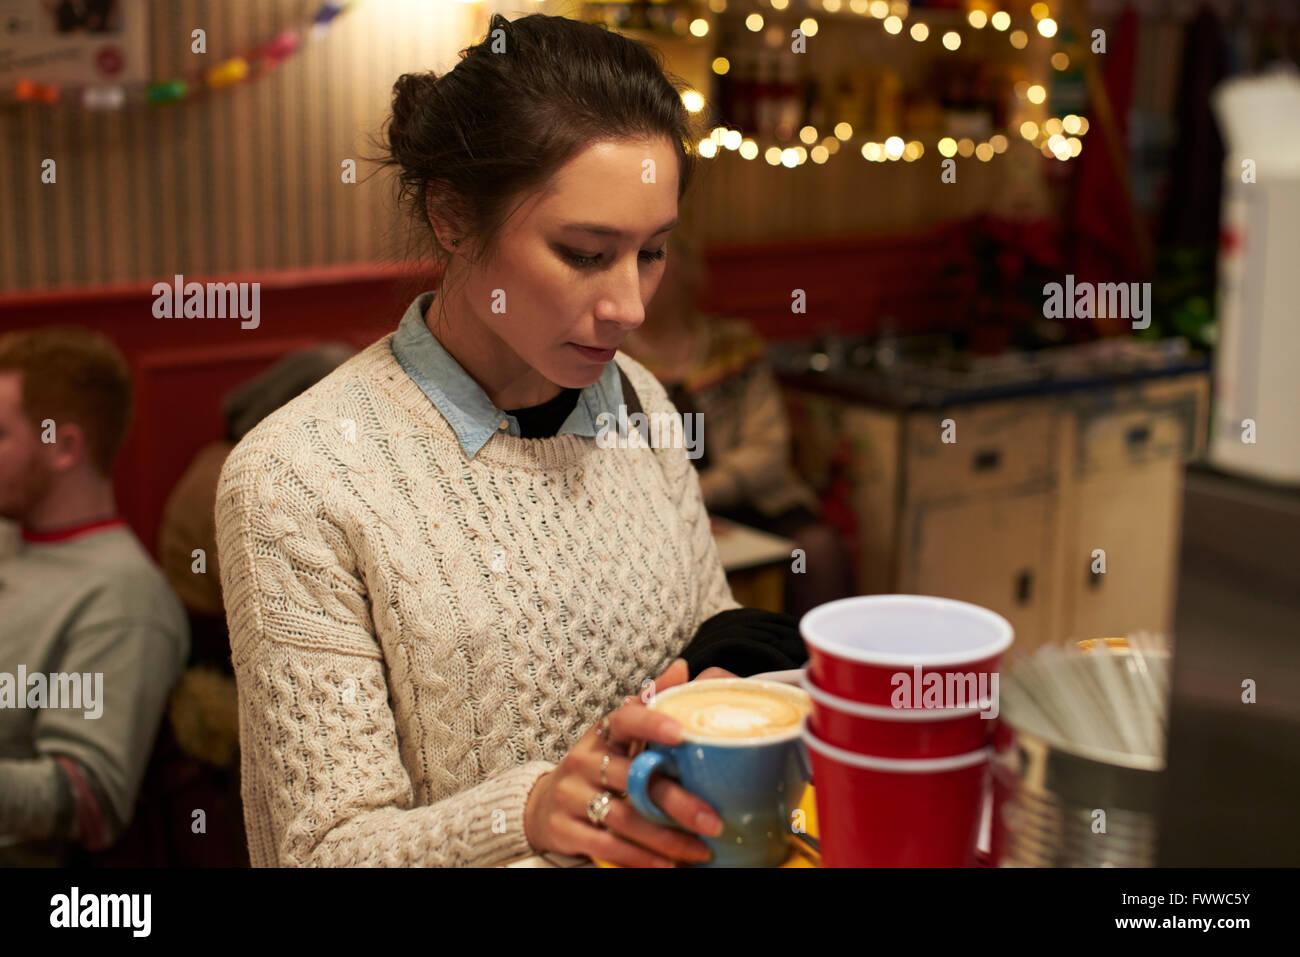 Abend-Schuss der jungen Frau In Café entspannen Stockbild